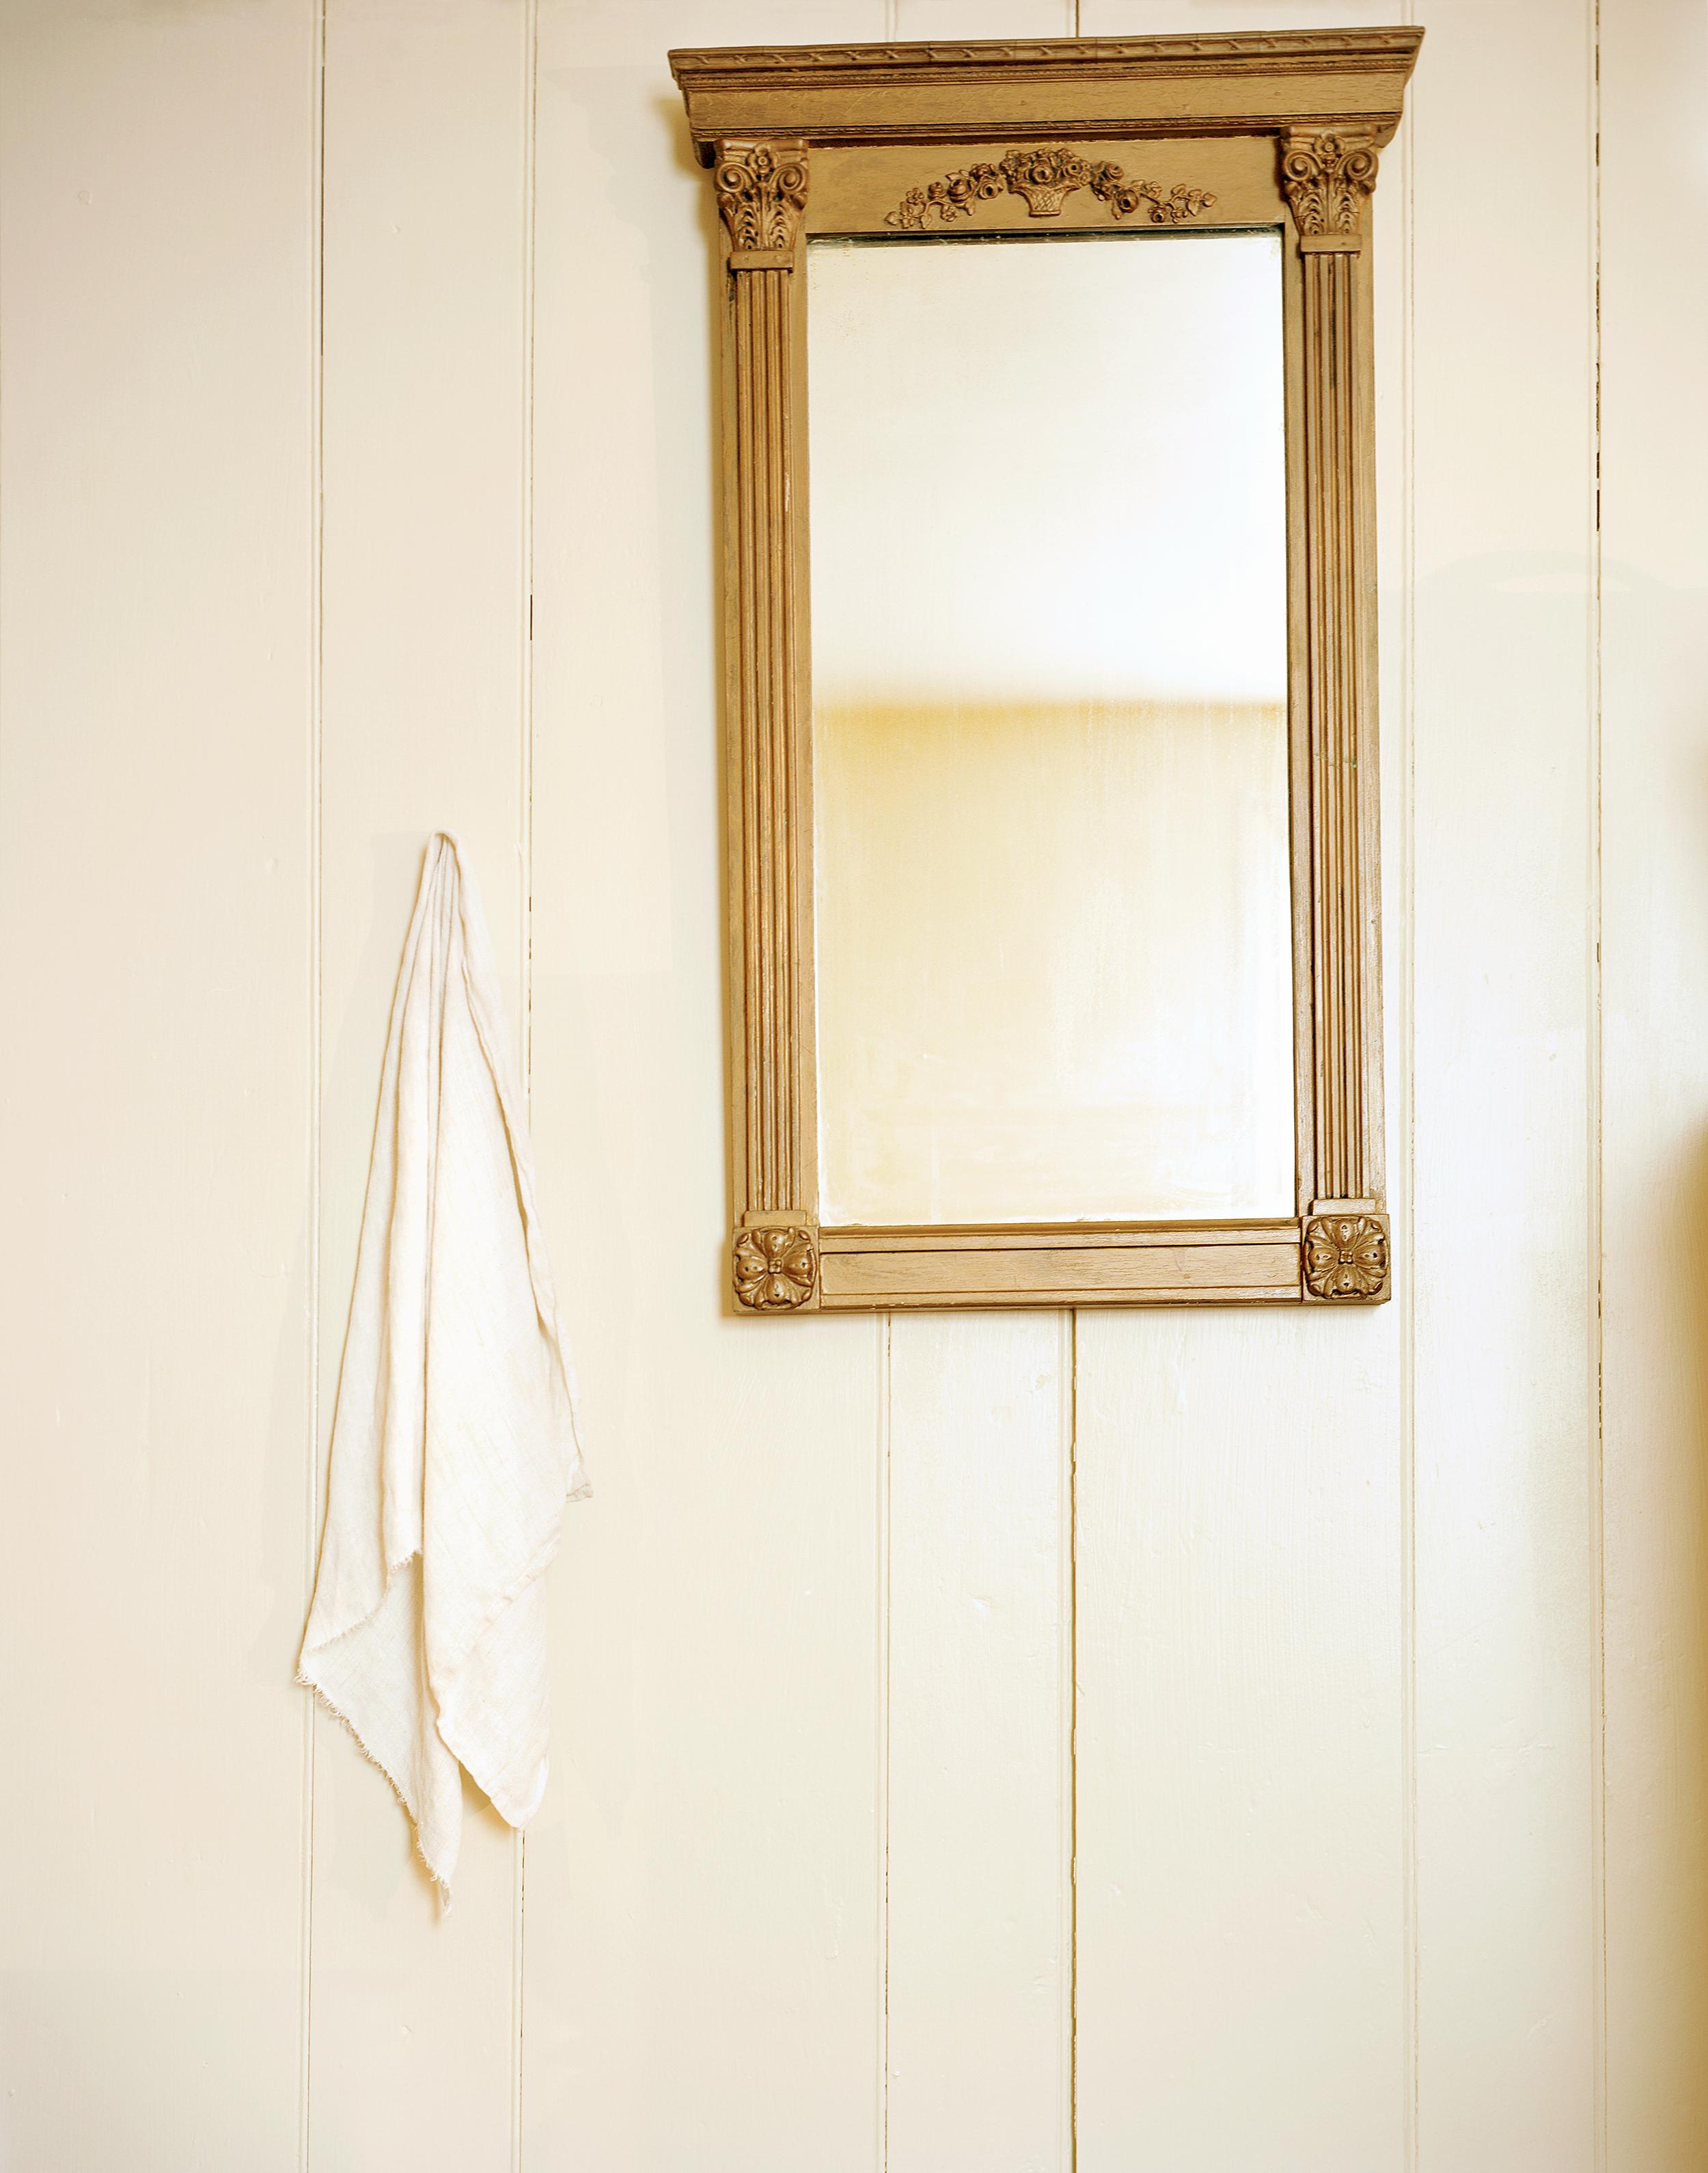 Mirror and Wall III, 2011